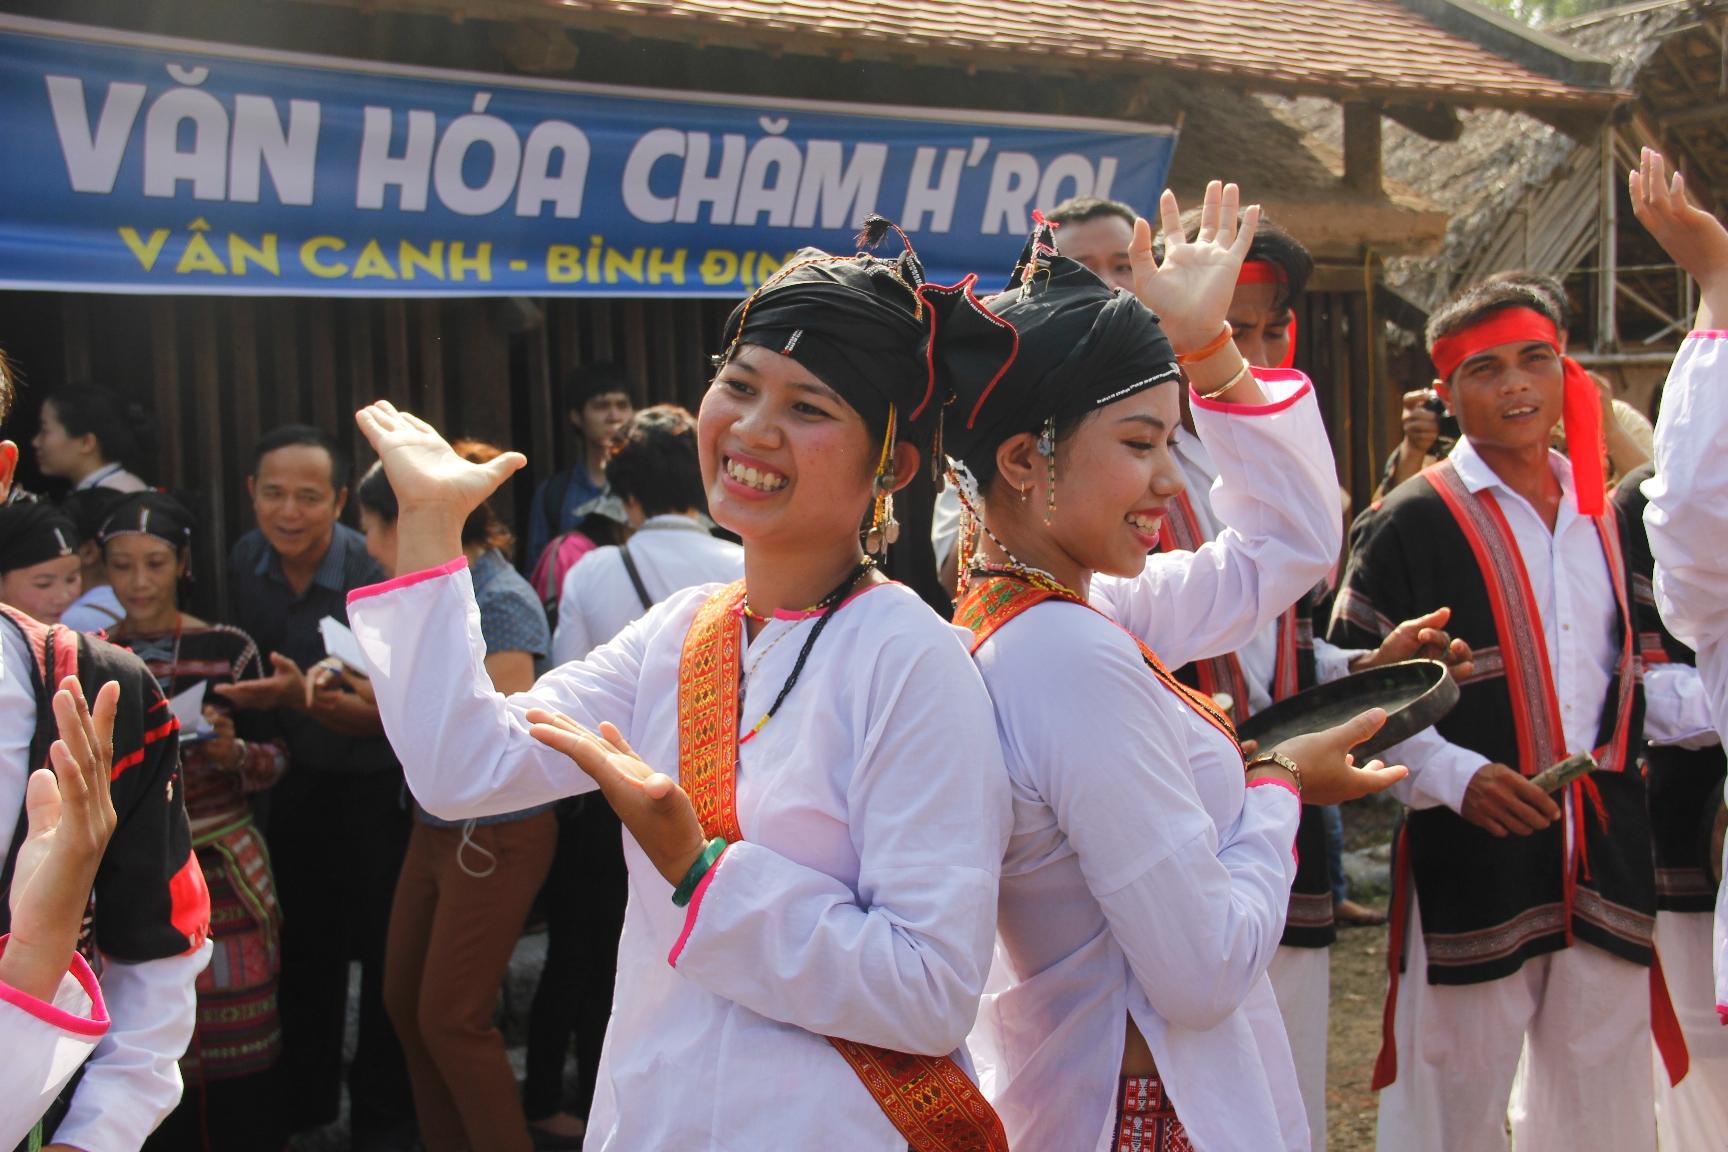 Điệu múa xoang của các cô gái Chăm H'roi